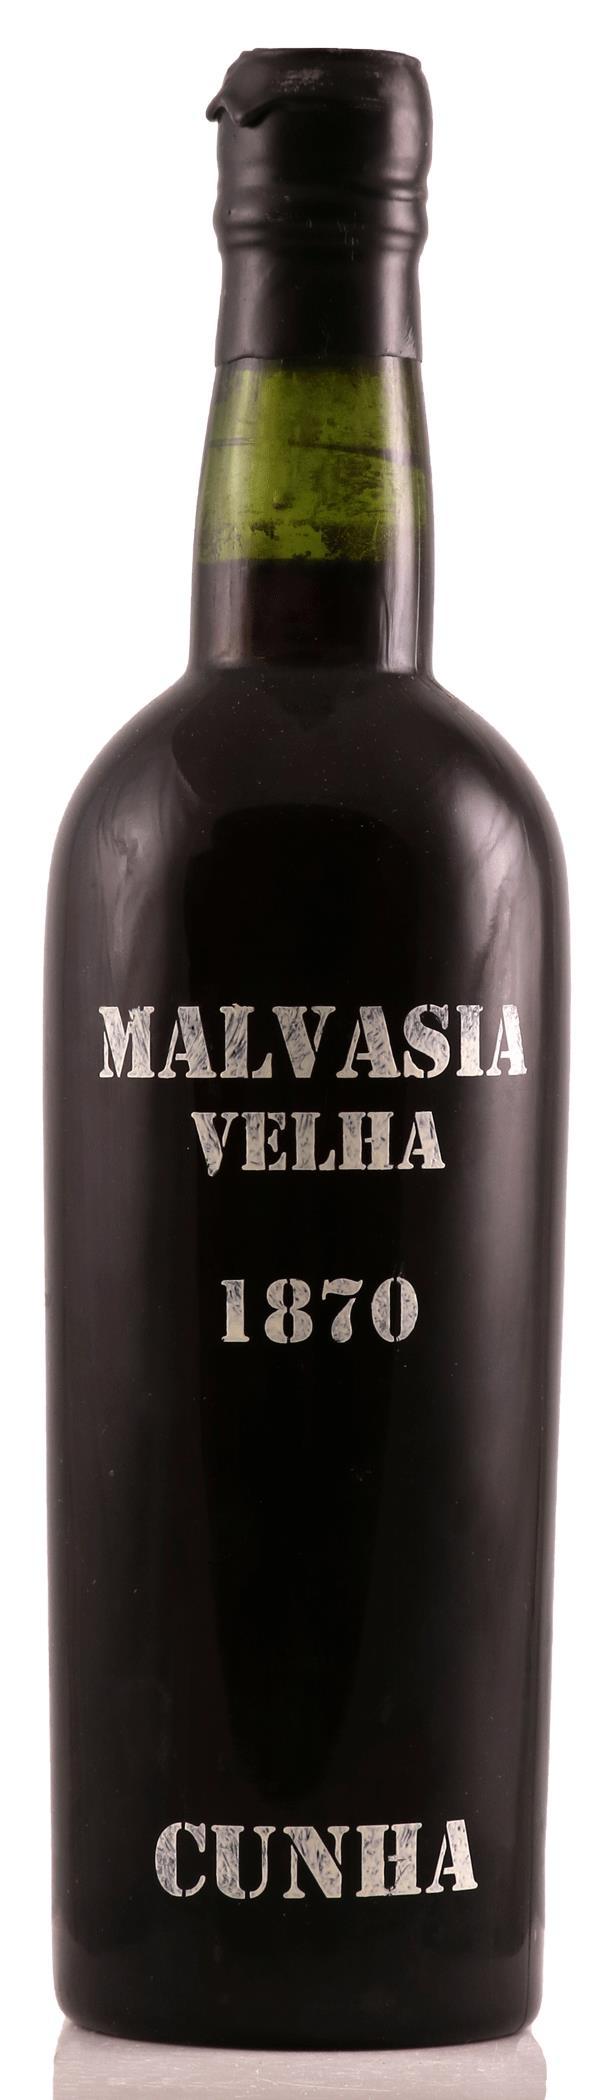 Madeira 1870 Cunha, A.P.C.